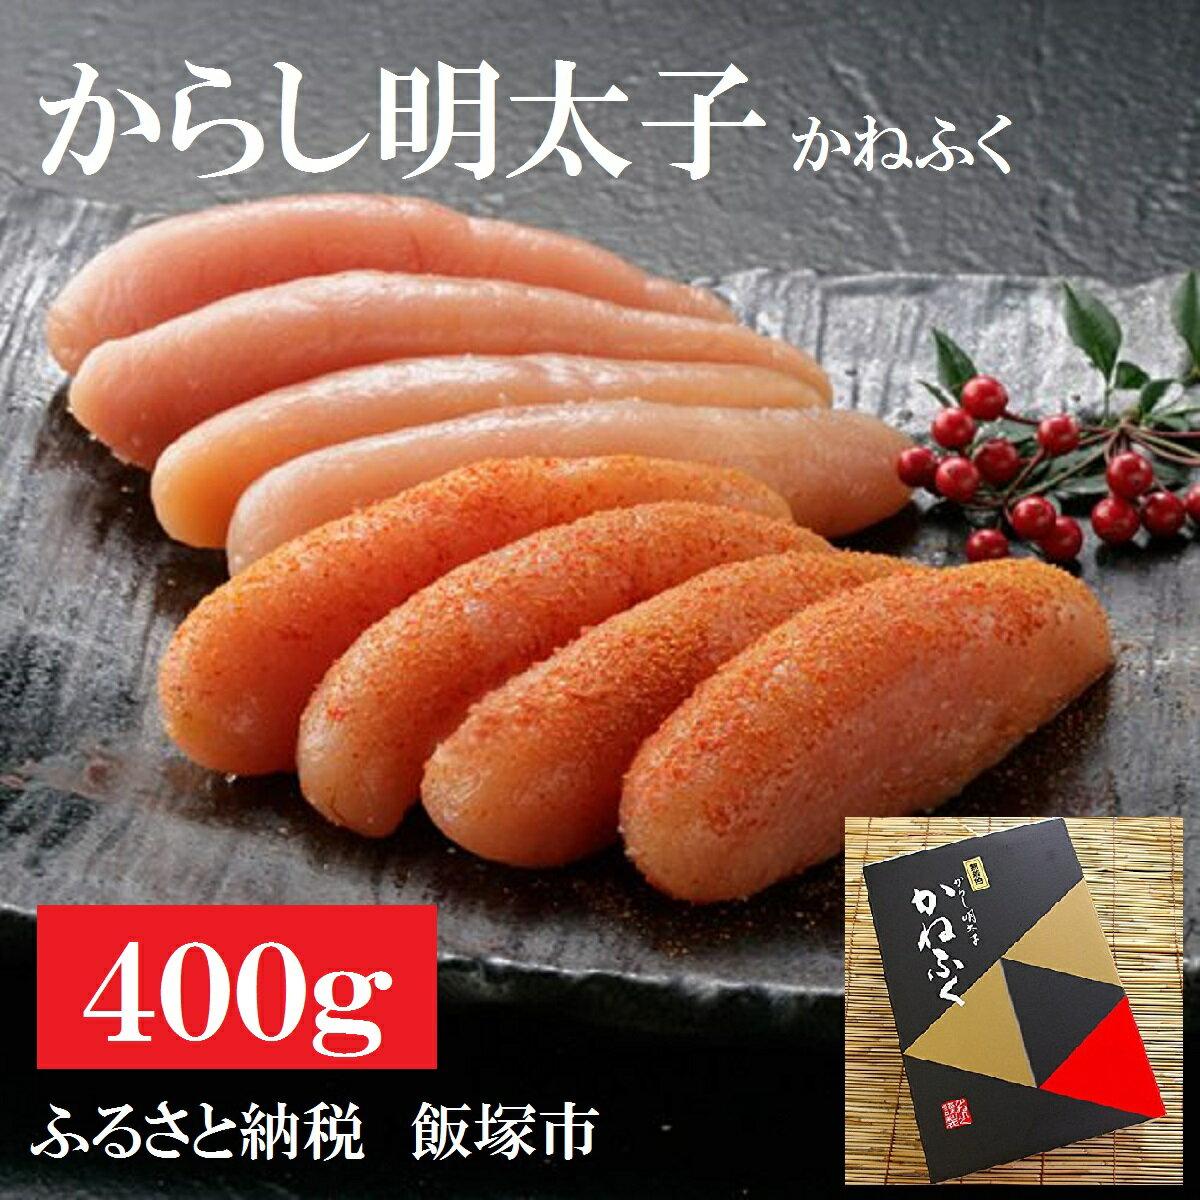 【ふるさと納税】【A-081】魚市場厳選 かねふく辛子明太子(1本もの 400g)